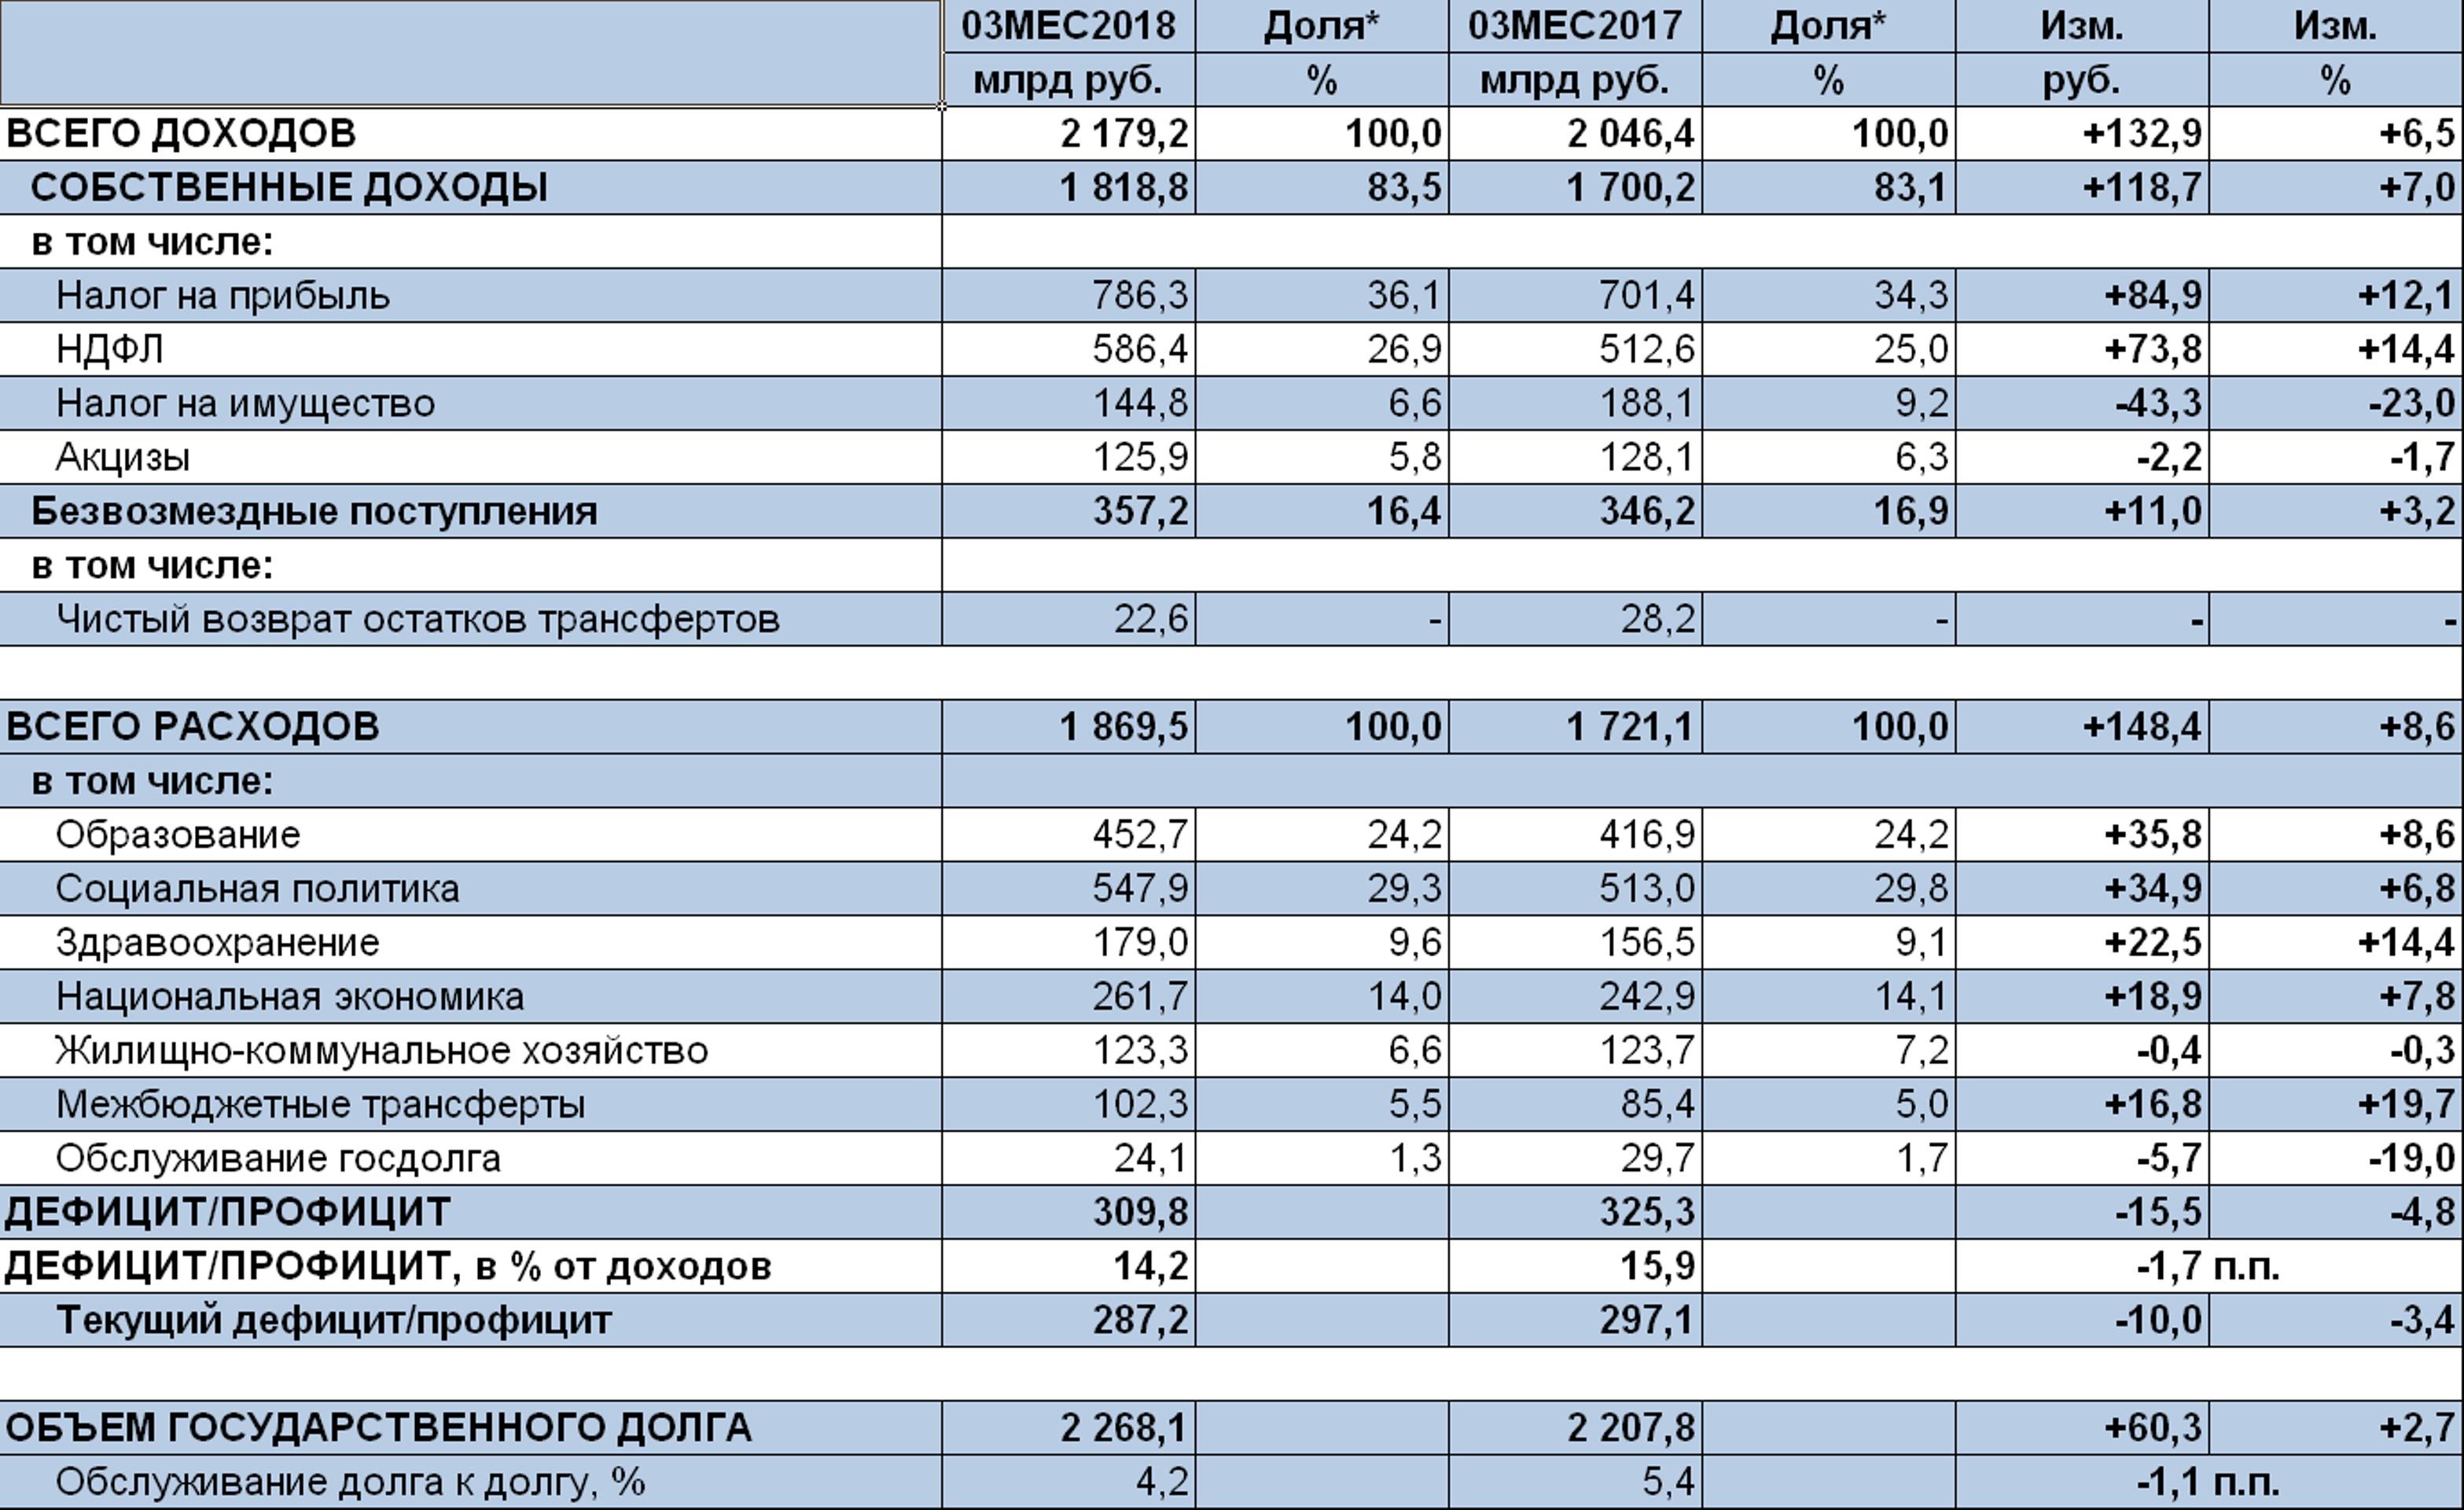 Бюджетная ситуация в регионах остается благоприятной